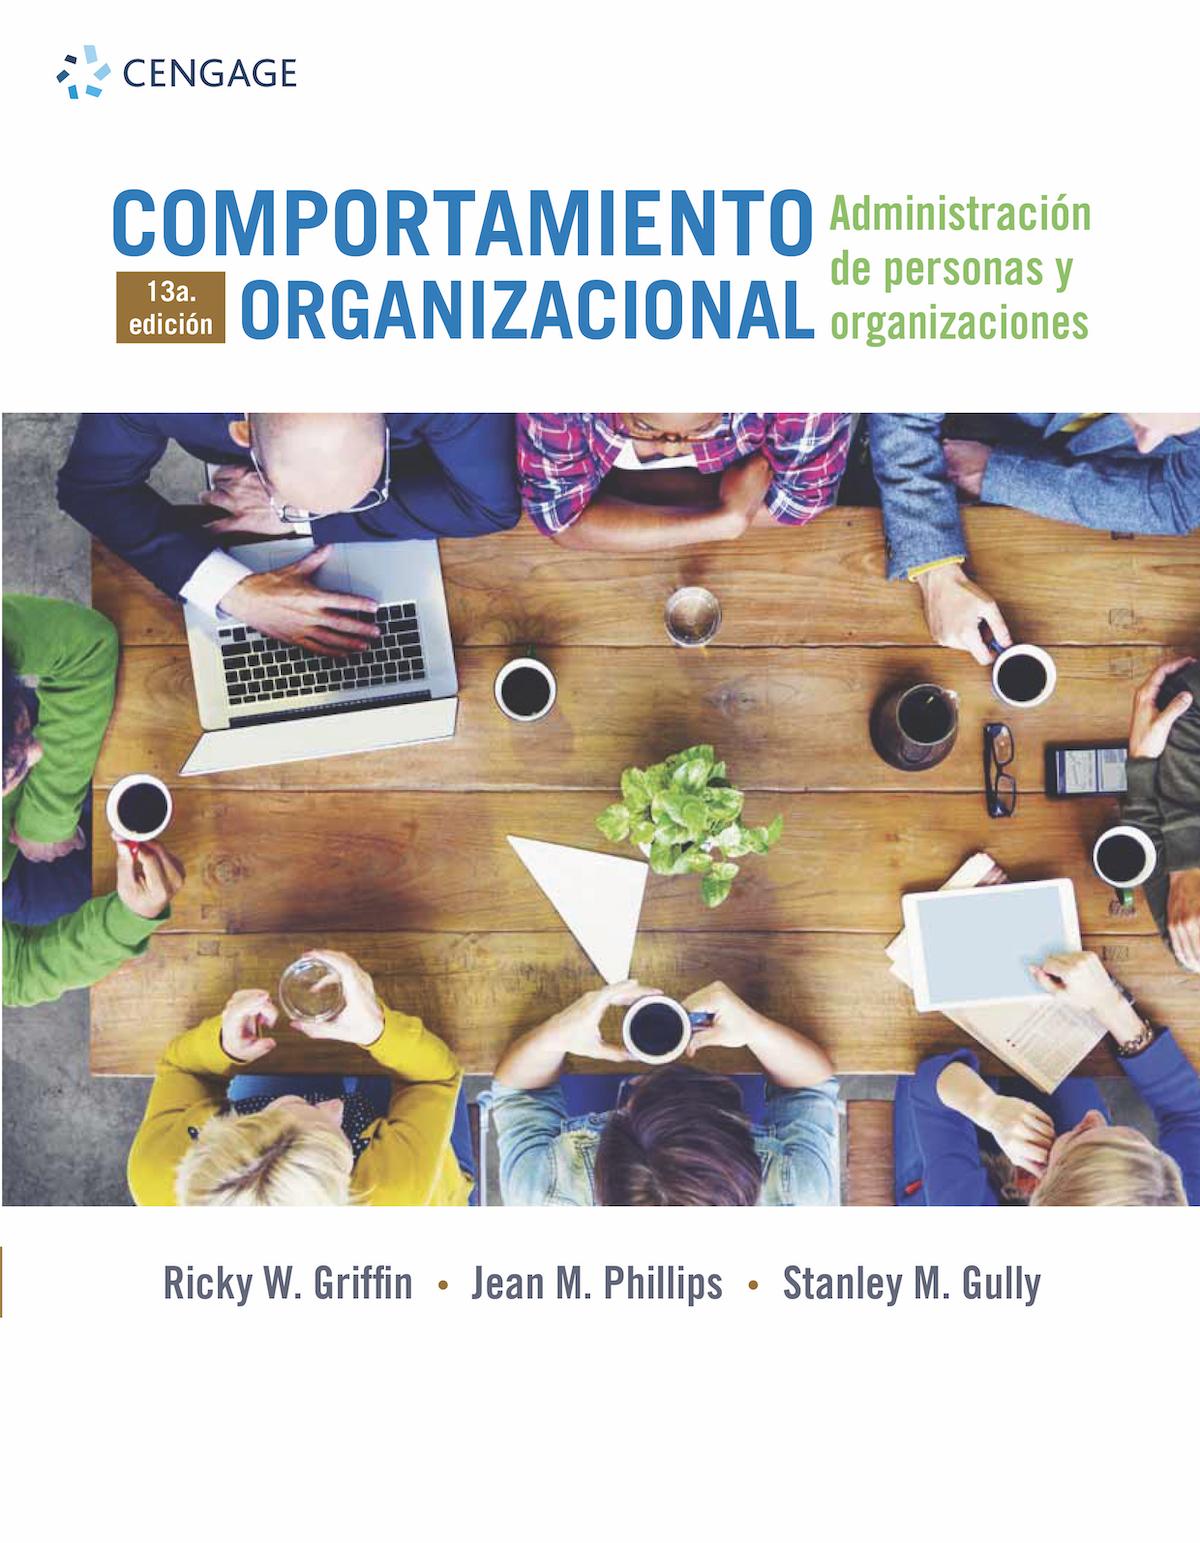 Comportamiento organizacional, portada